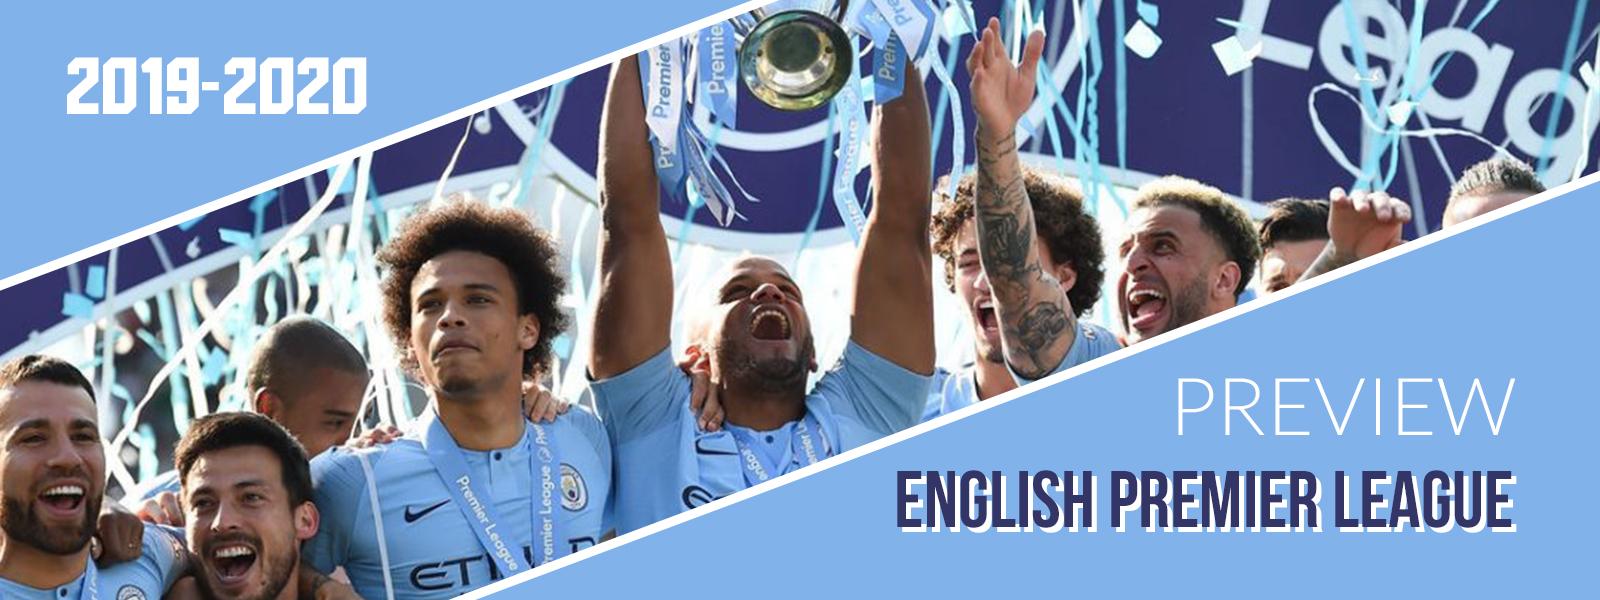 2019-2020 English Premier League Preview